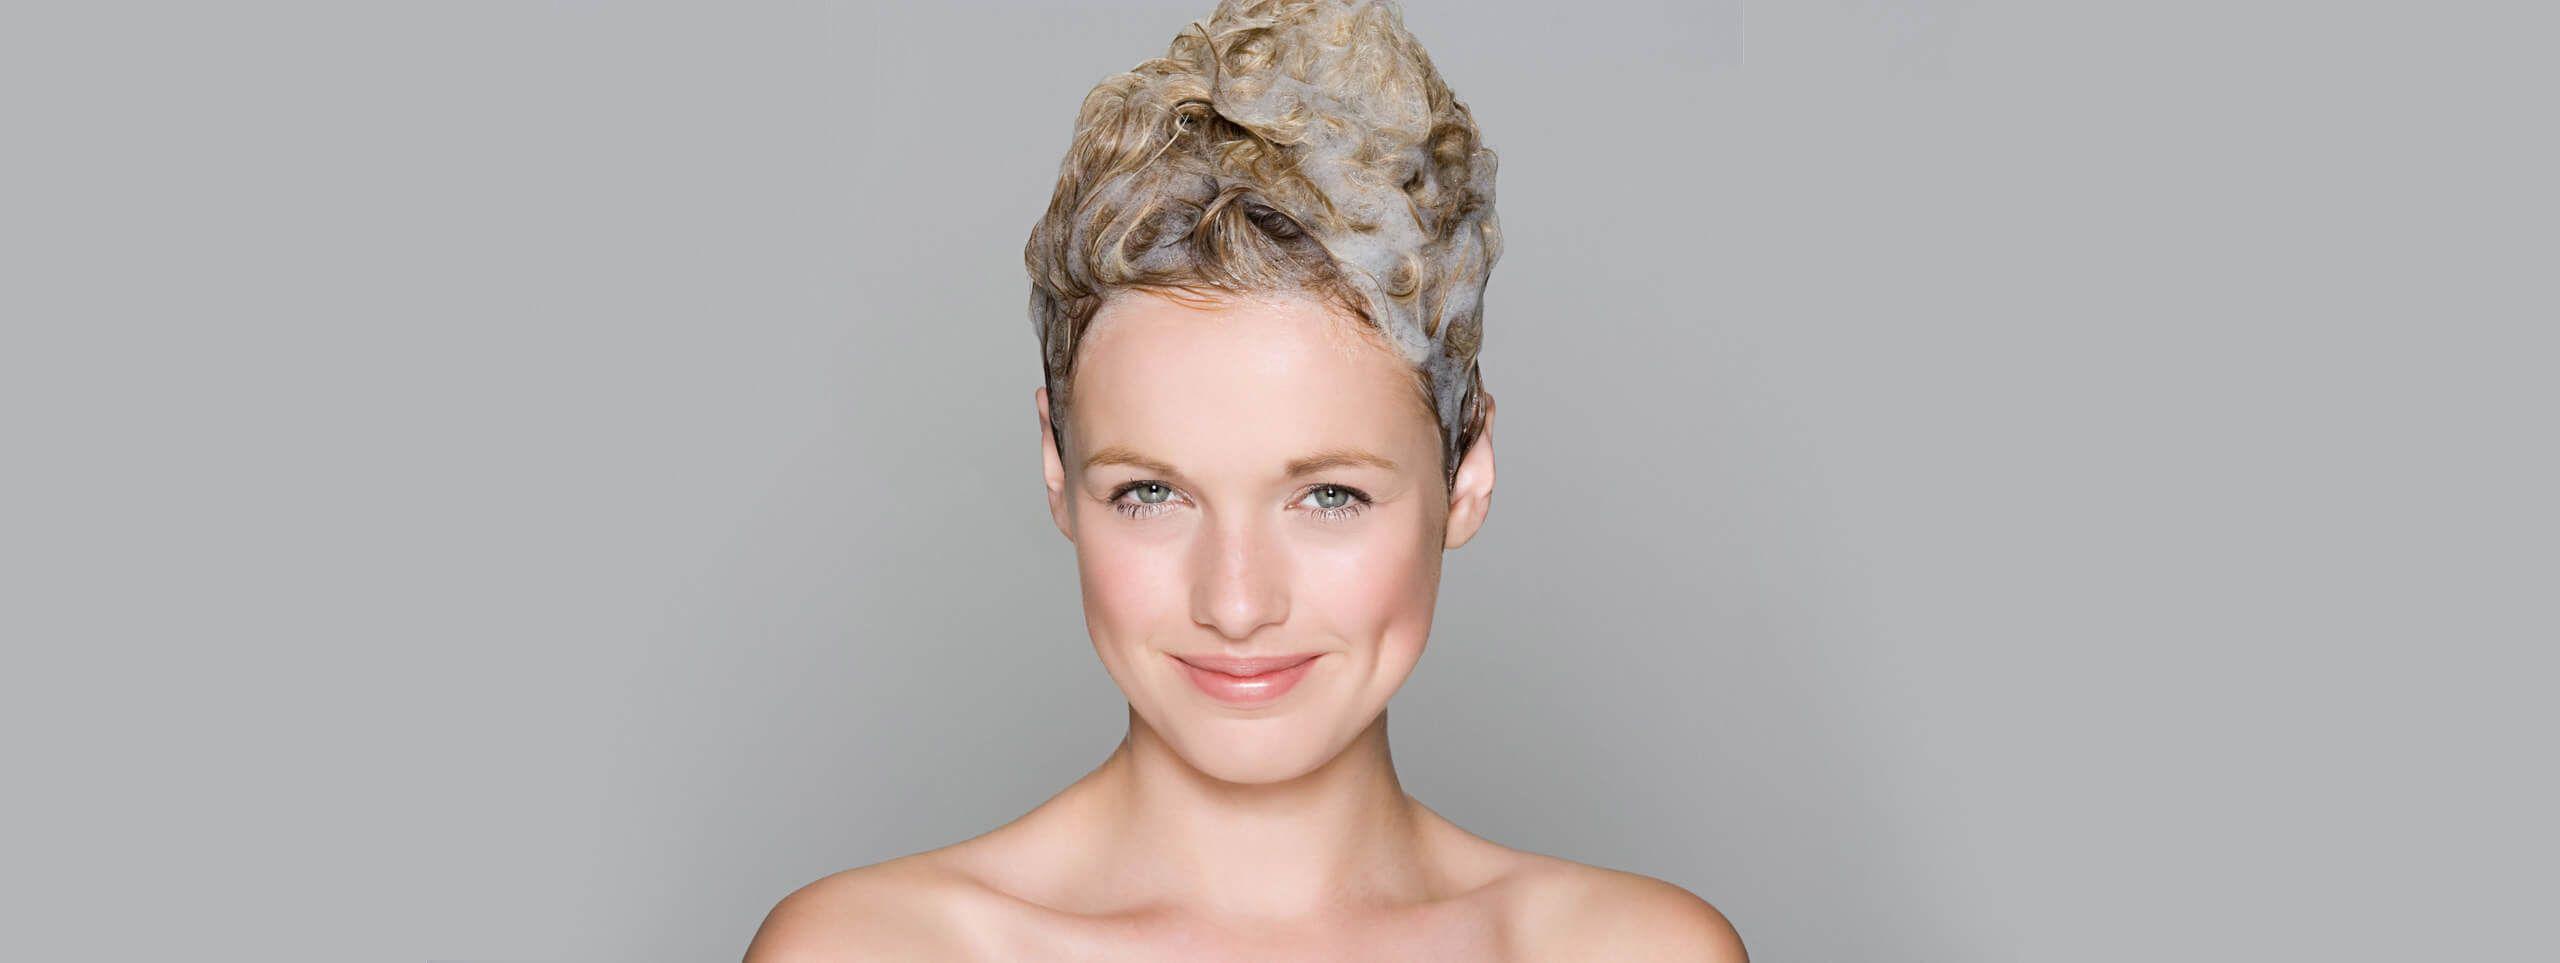 Kobieta z pianką do koloryzacji na włosach